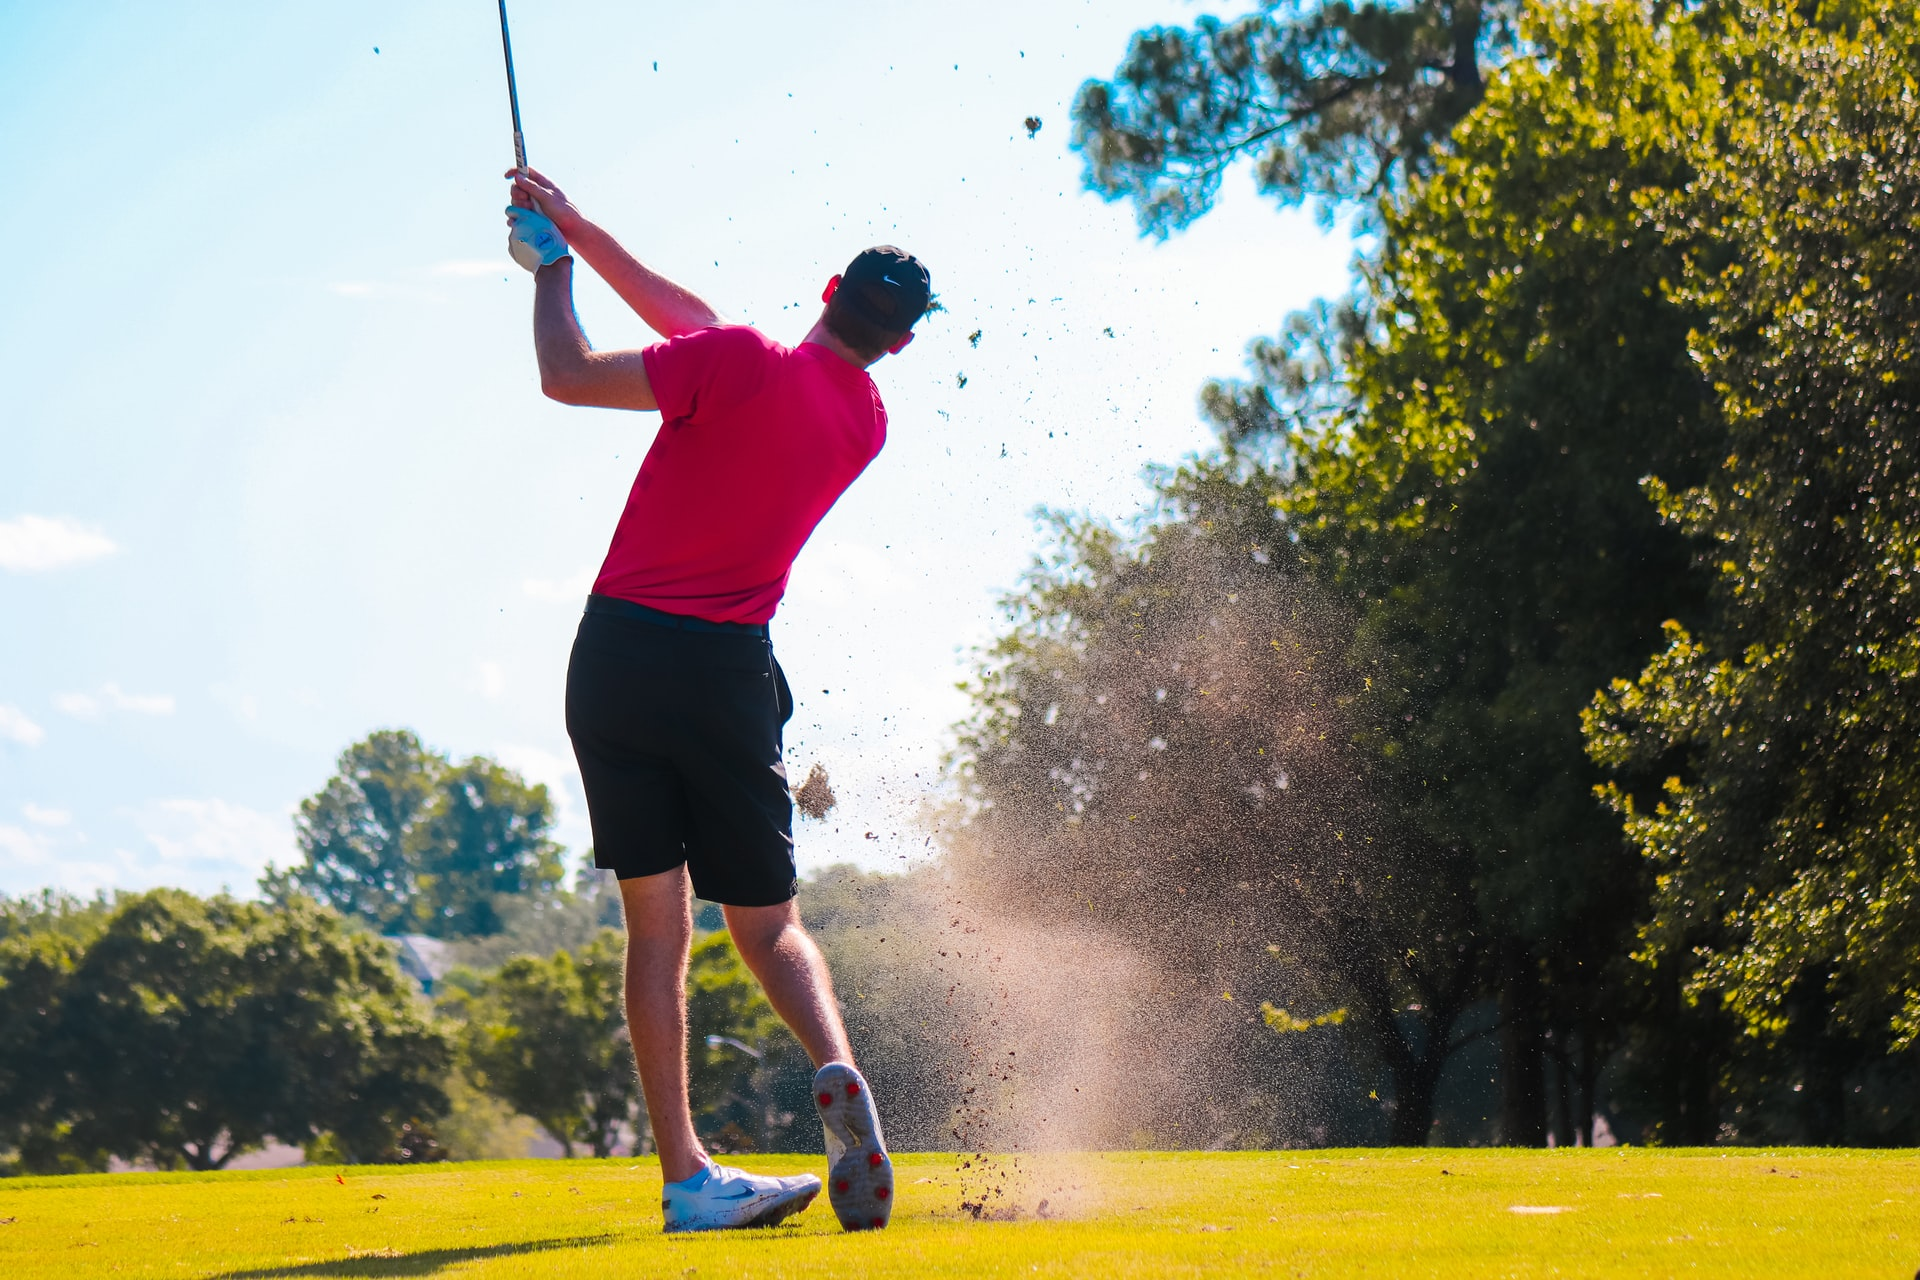 Read more about the article Golf pukeutuminen: Näin pukeudut Golf kentälle